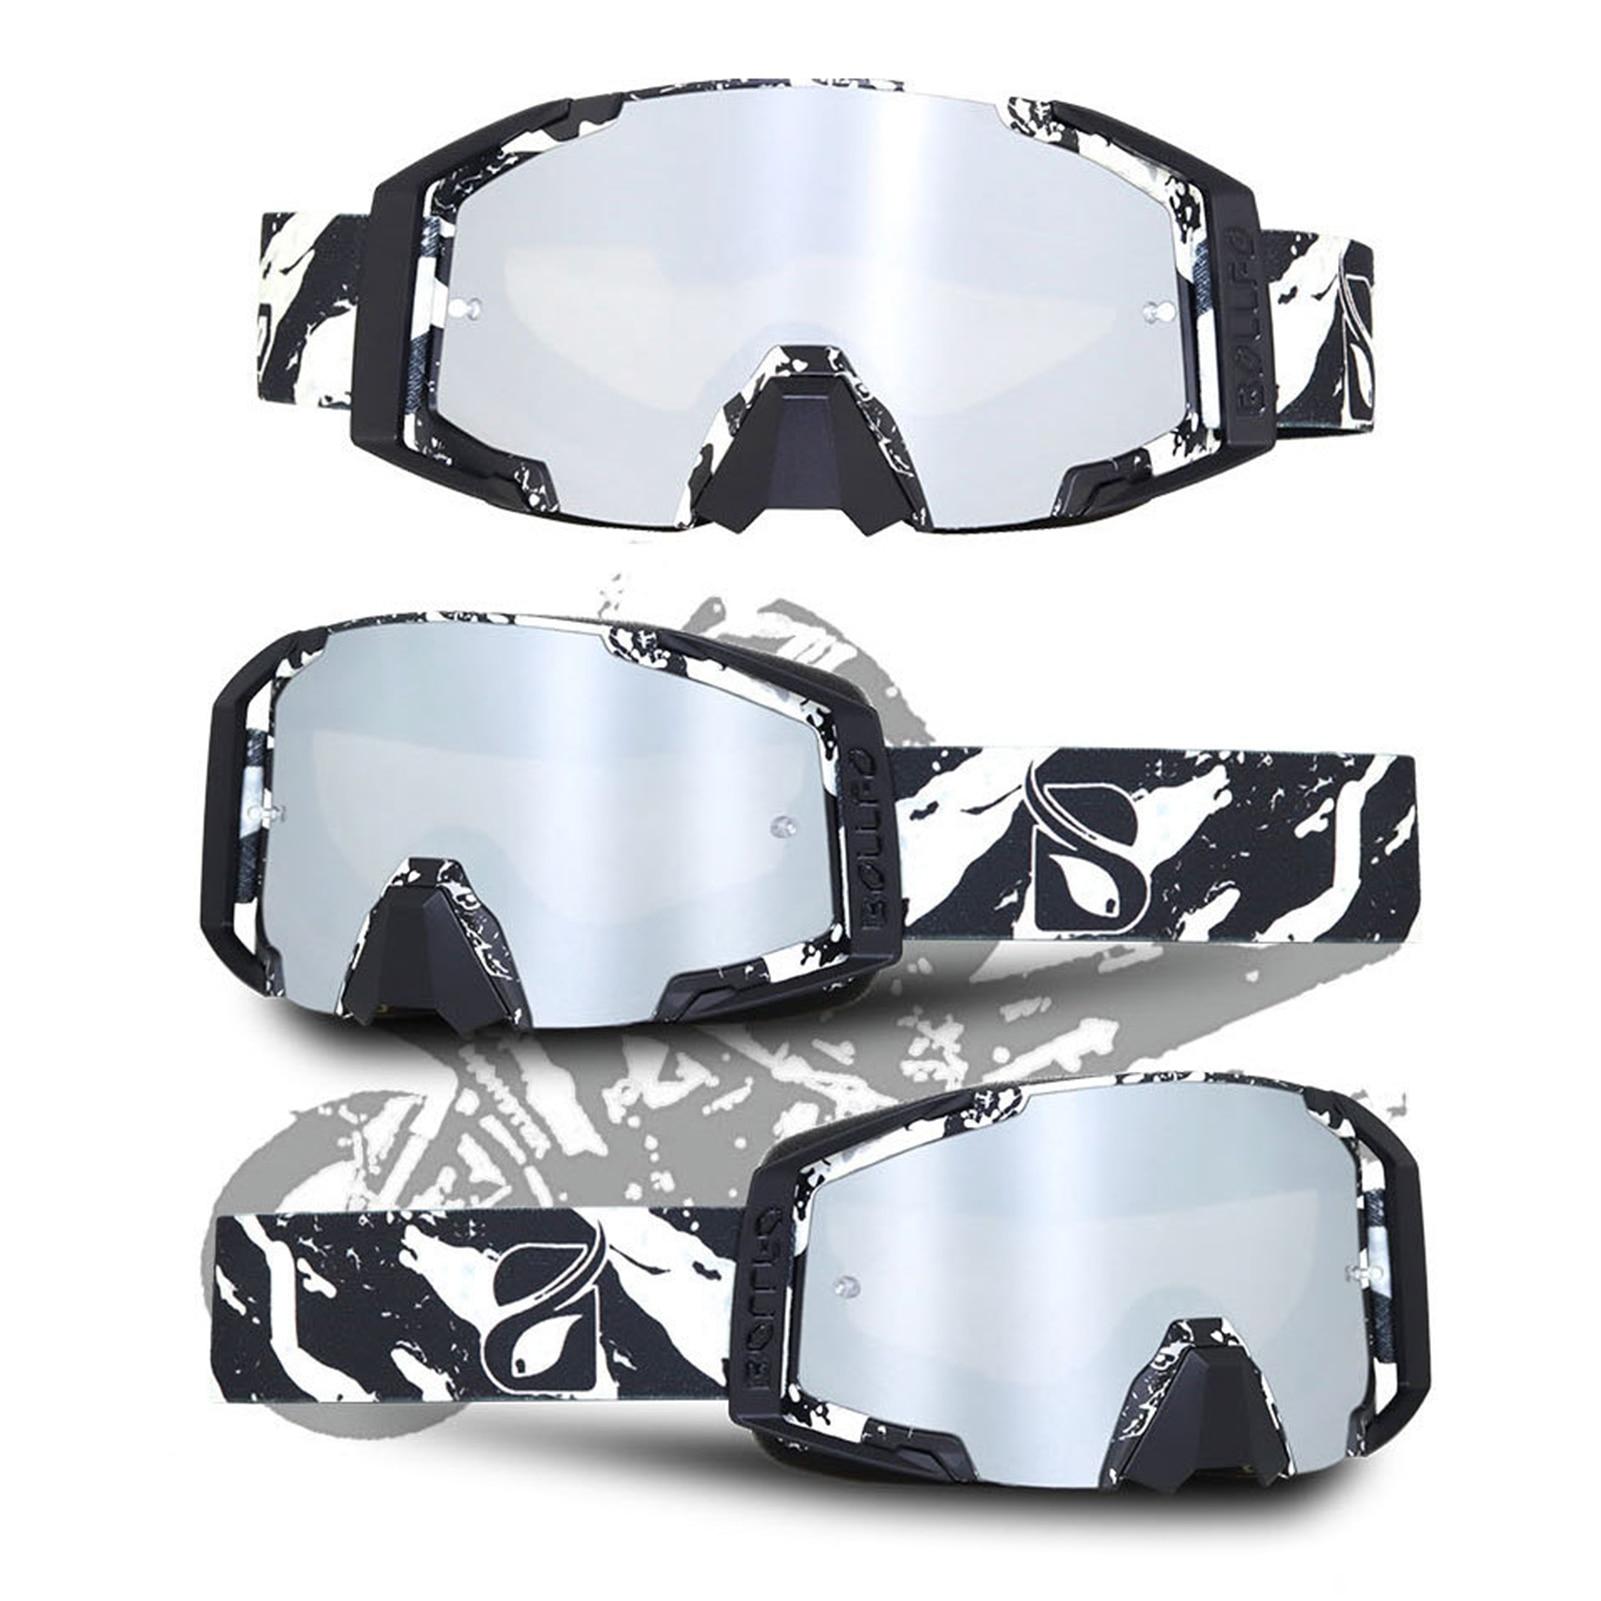 Велосипедные очки MTB велосипедные мотоциклетные очки ветрозащитные УФ-стойкие очки для езды на лыжах очки для бега рыбалки спорта для мужчин женщин мужчин